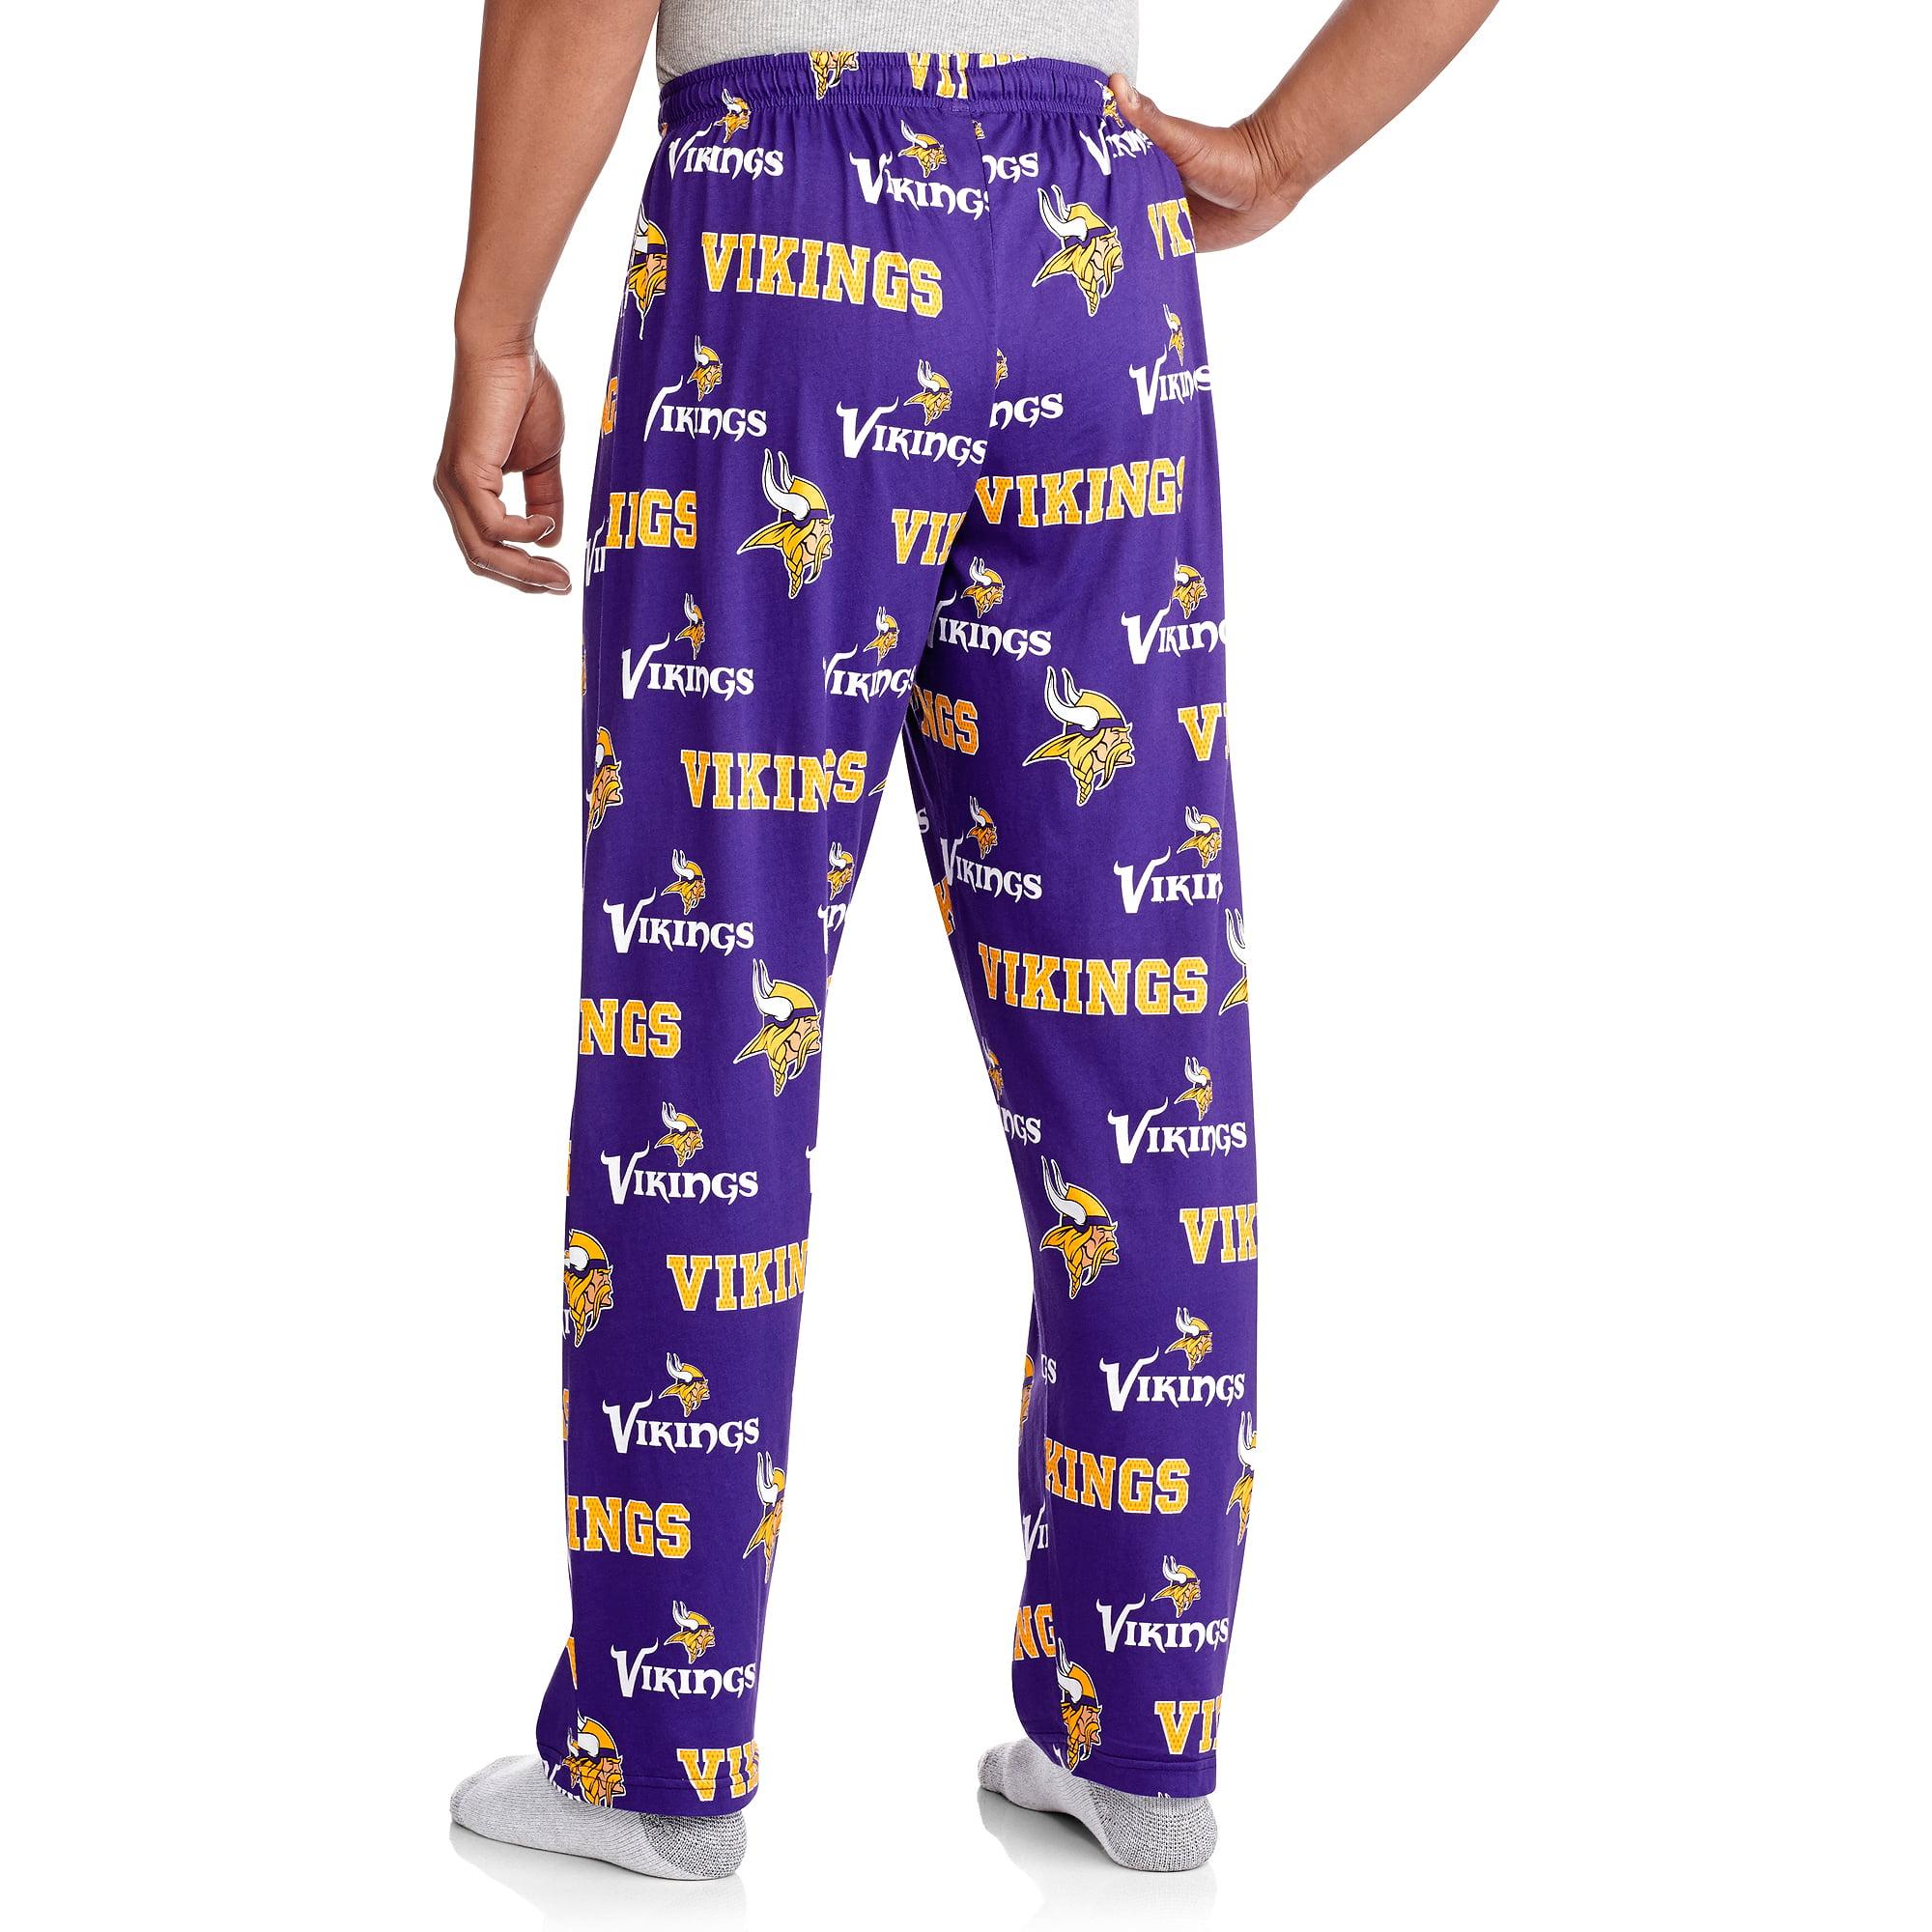 NFL Men's Vikings Knit Pant